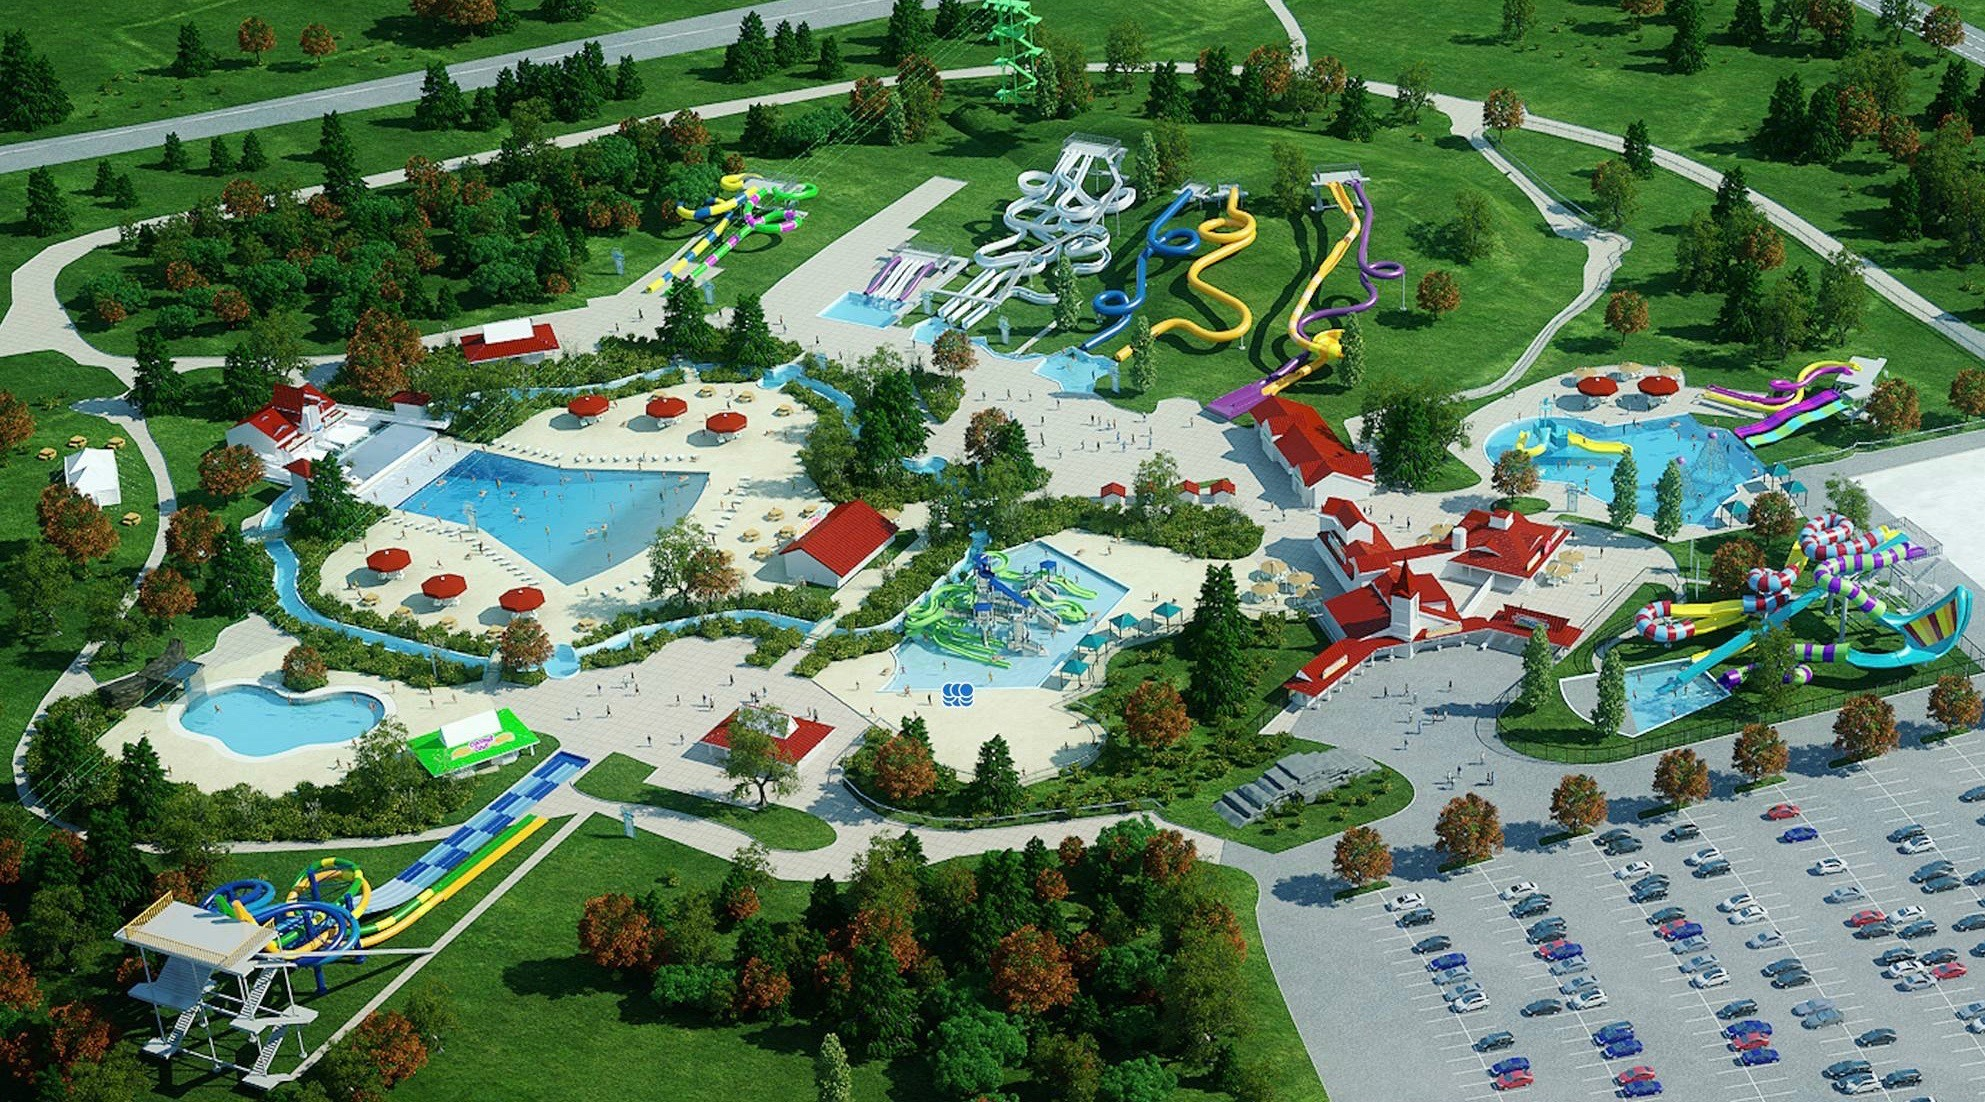 All new Wet'n'Wild water park to host a sneak peek this weekend